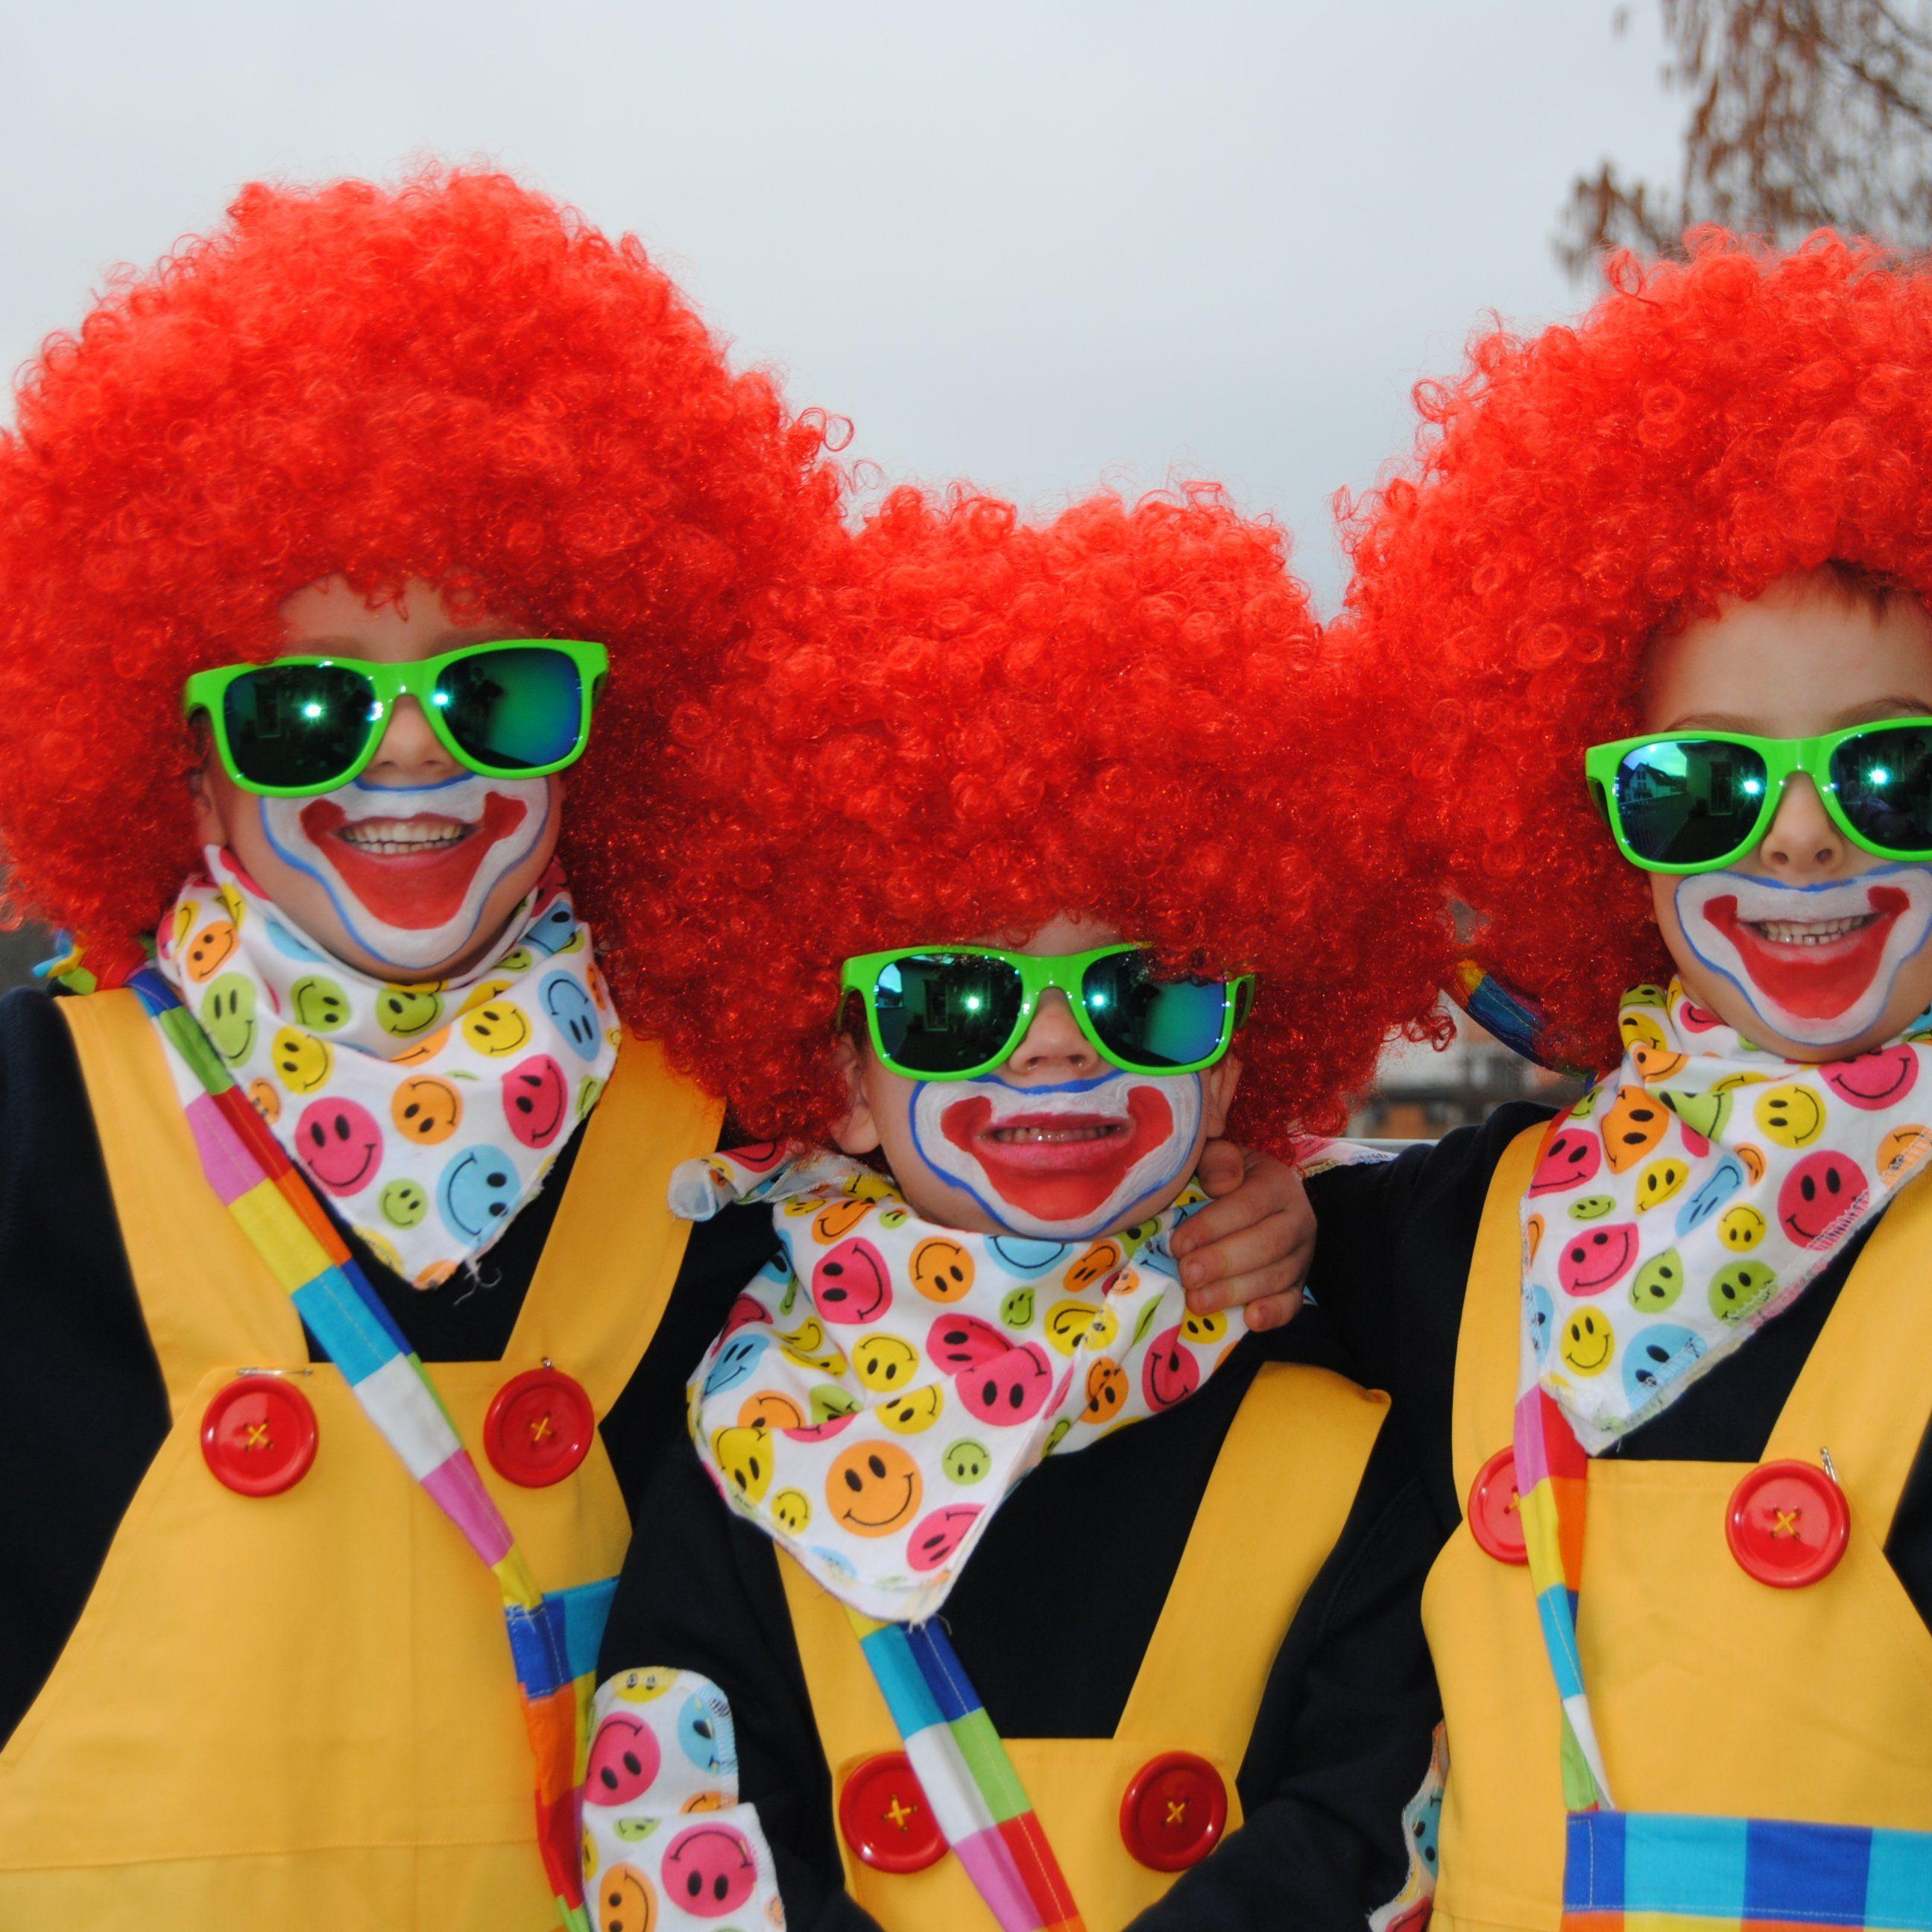 Simon, Lukas und Niklas zeigen wie toll die Kostüme geworden sind.